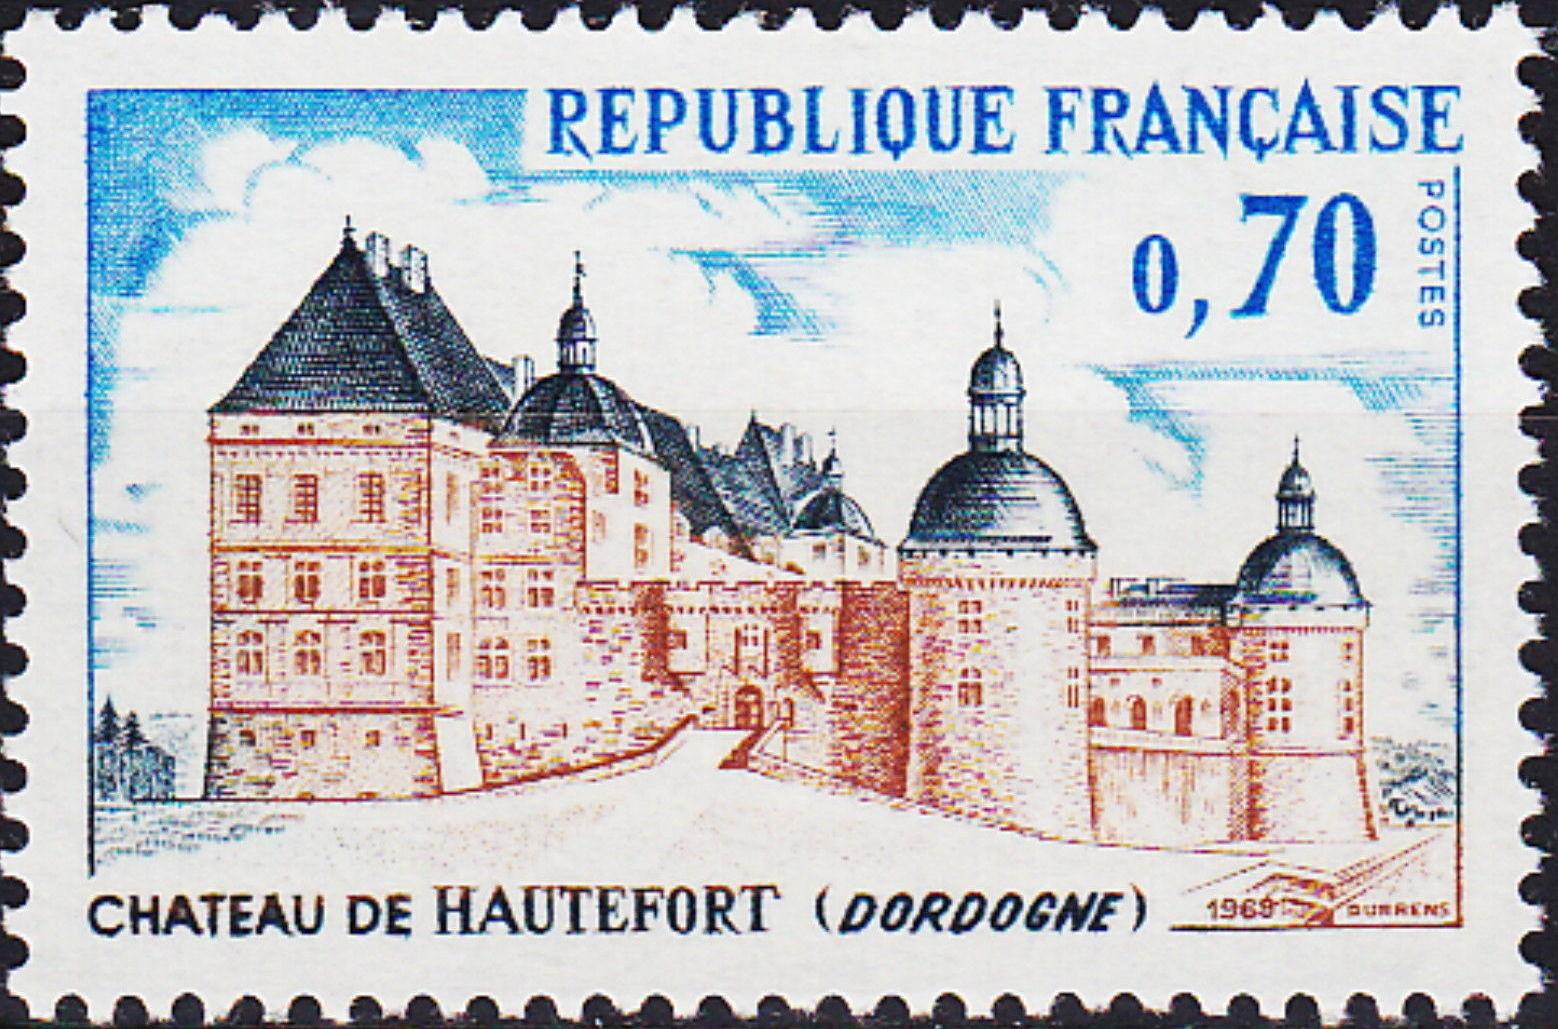 France 1969 Tourism - Hautefort Chateau